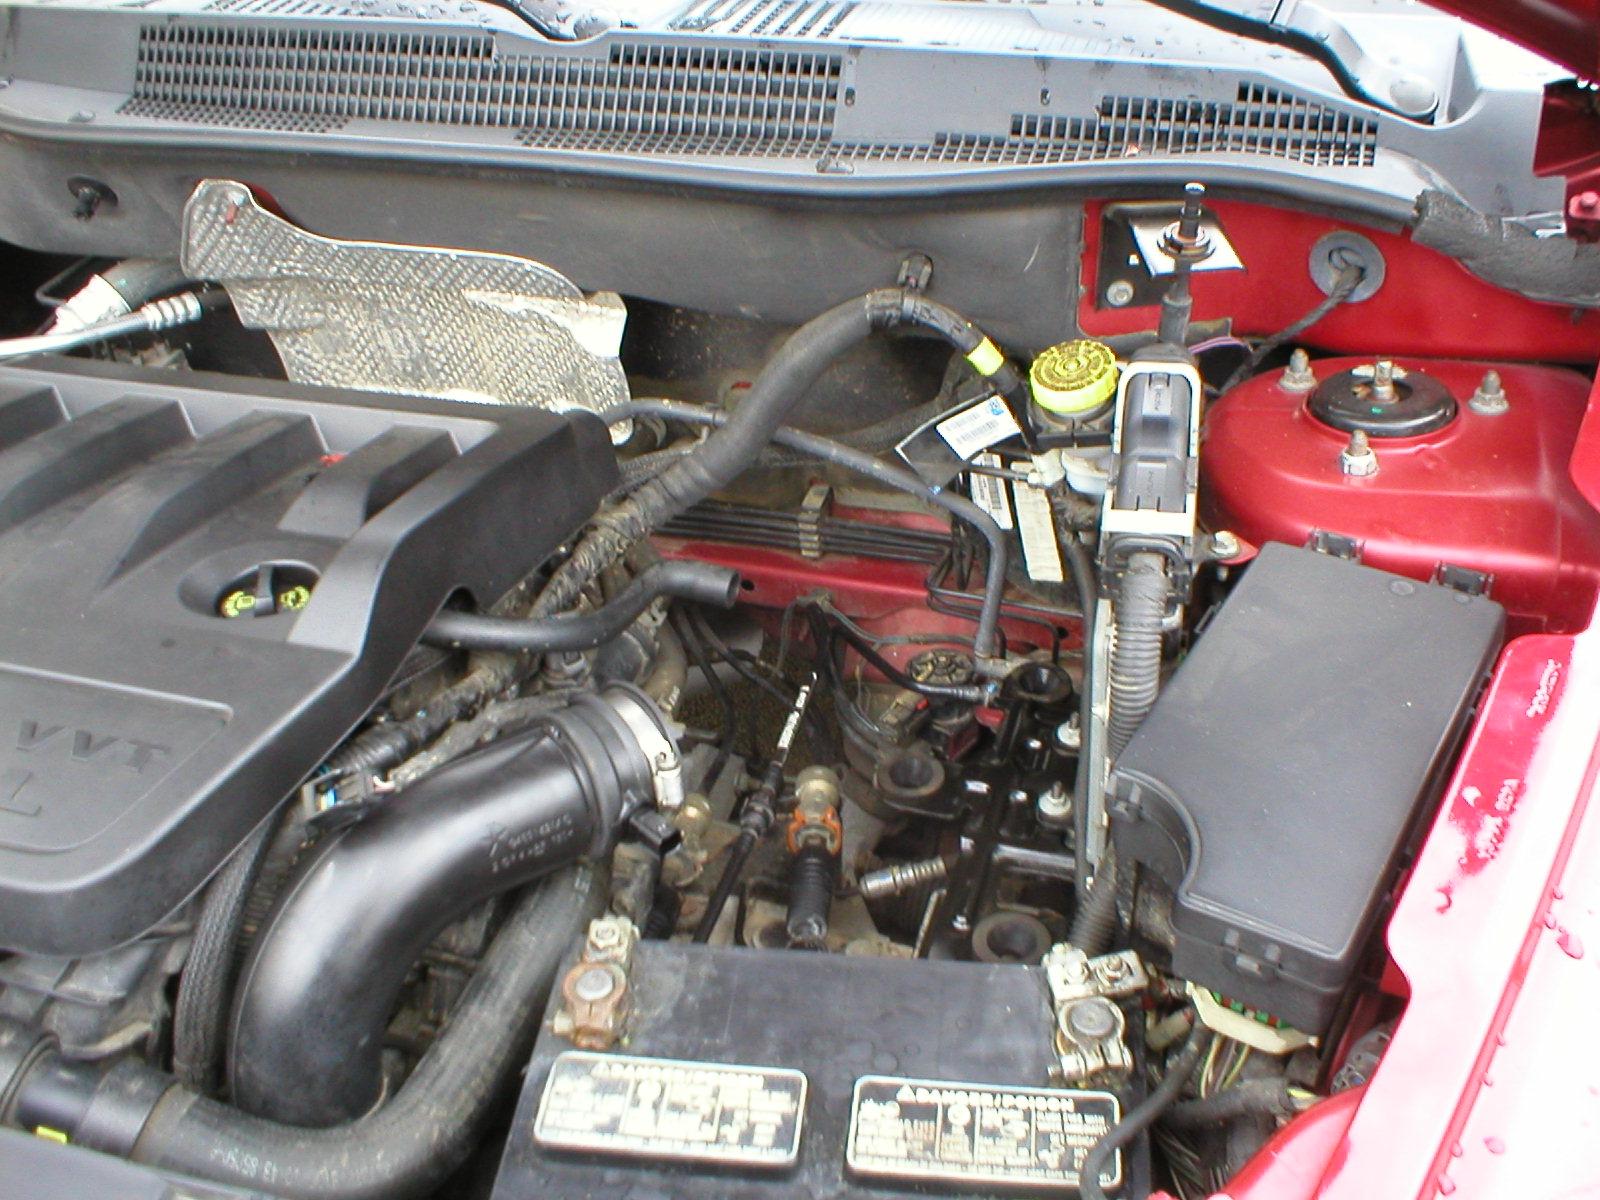 entretien caliber essence - Page 3 811898P1010185